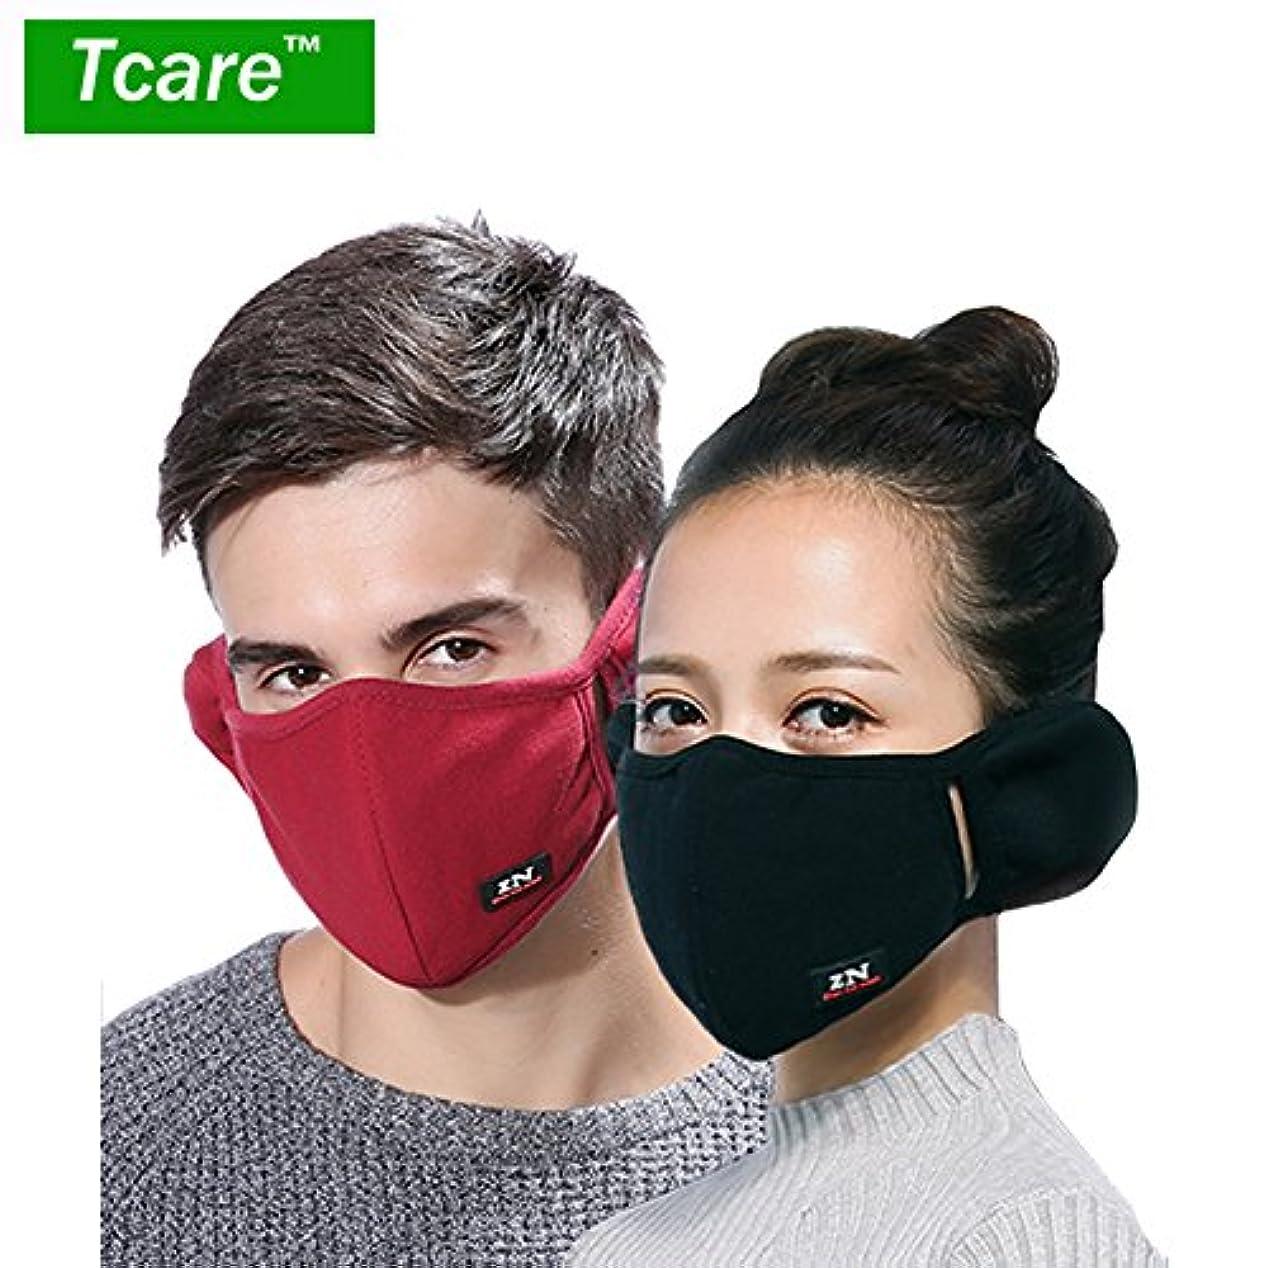 士気軽減クロニクル男性女性の少年少女のためのTcare呼吸器2レイヤピュアコットン保護フィルター挿入口:5ブラウン